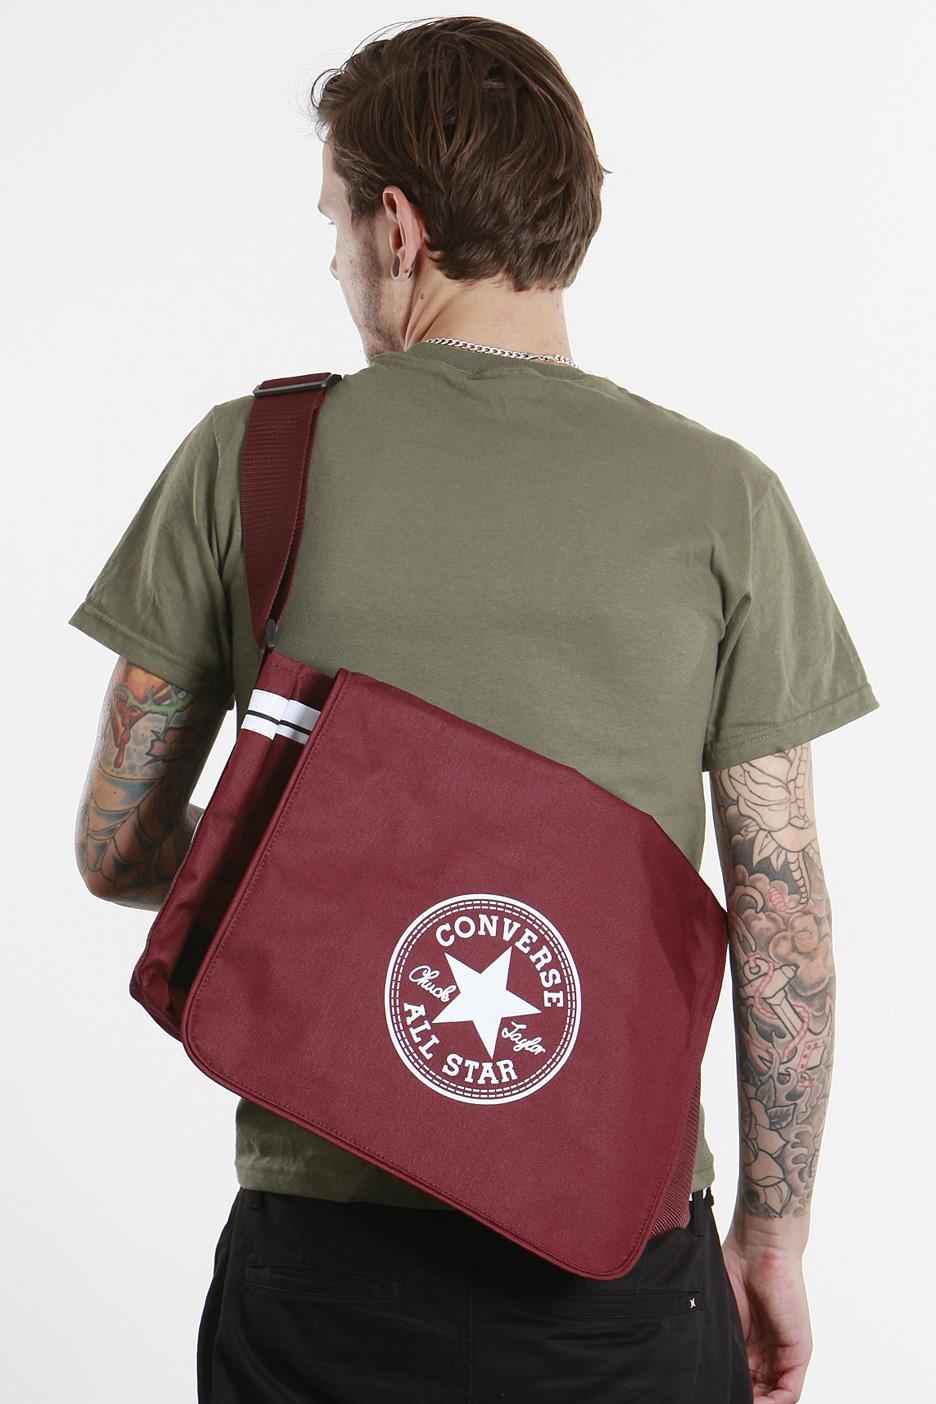 Converse - CT Shoulder Flap Port Royale - Bag - Impericon.com UK 3bcf4280ed